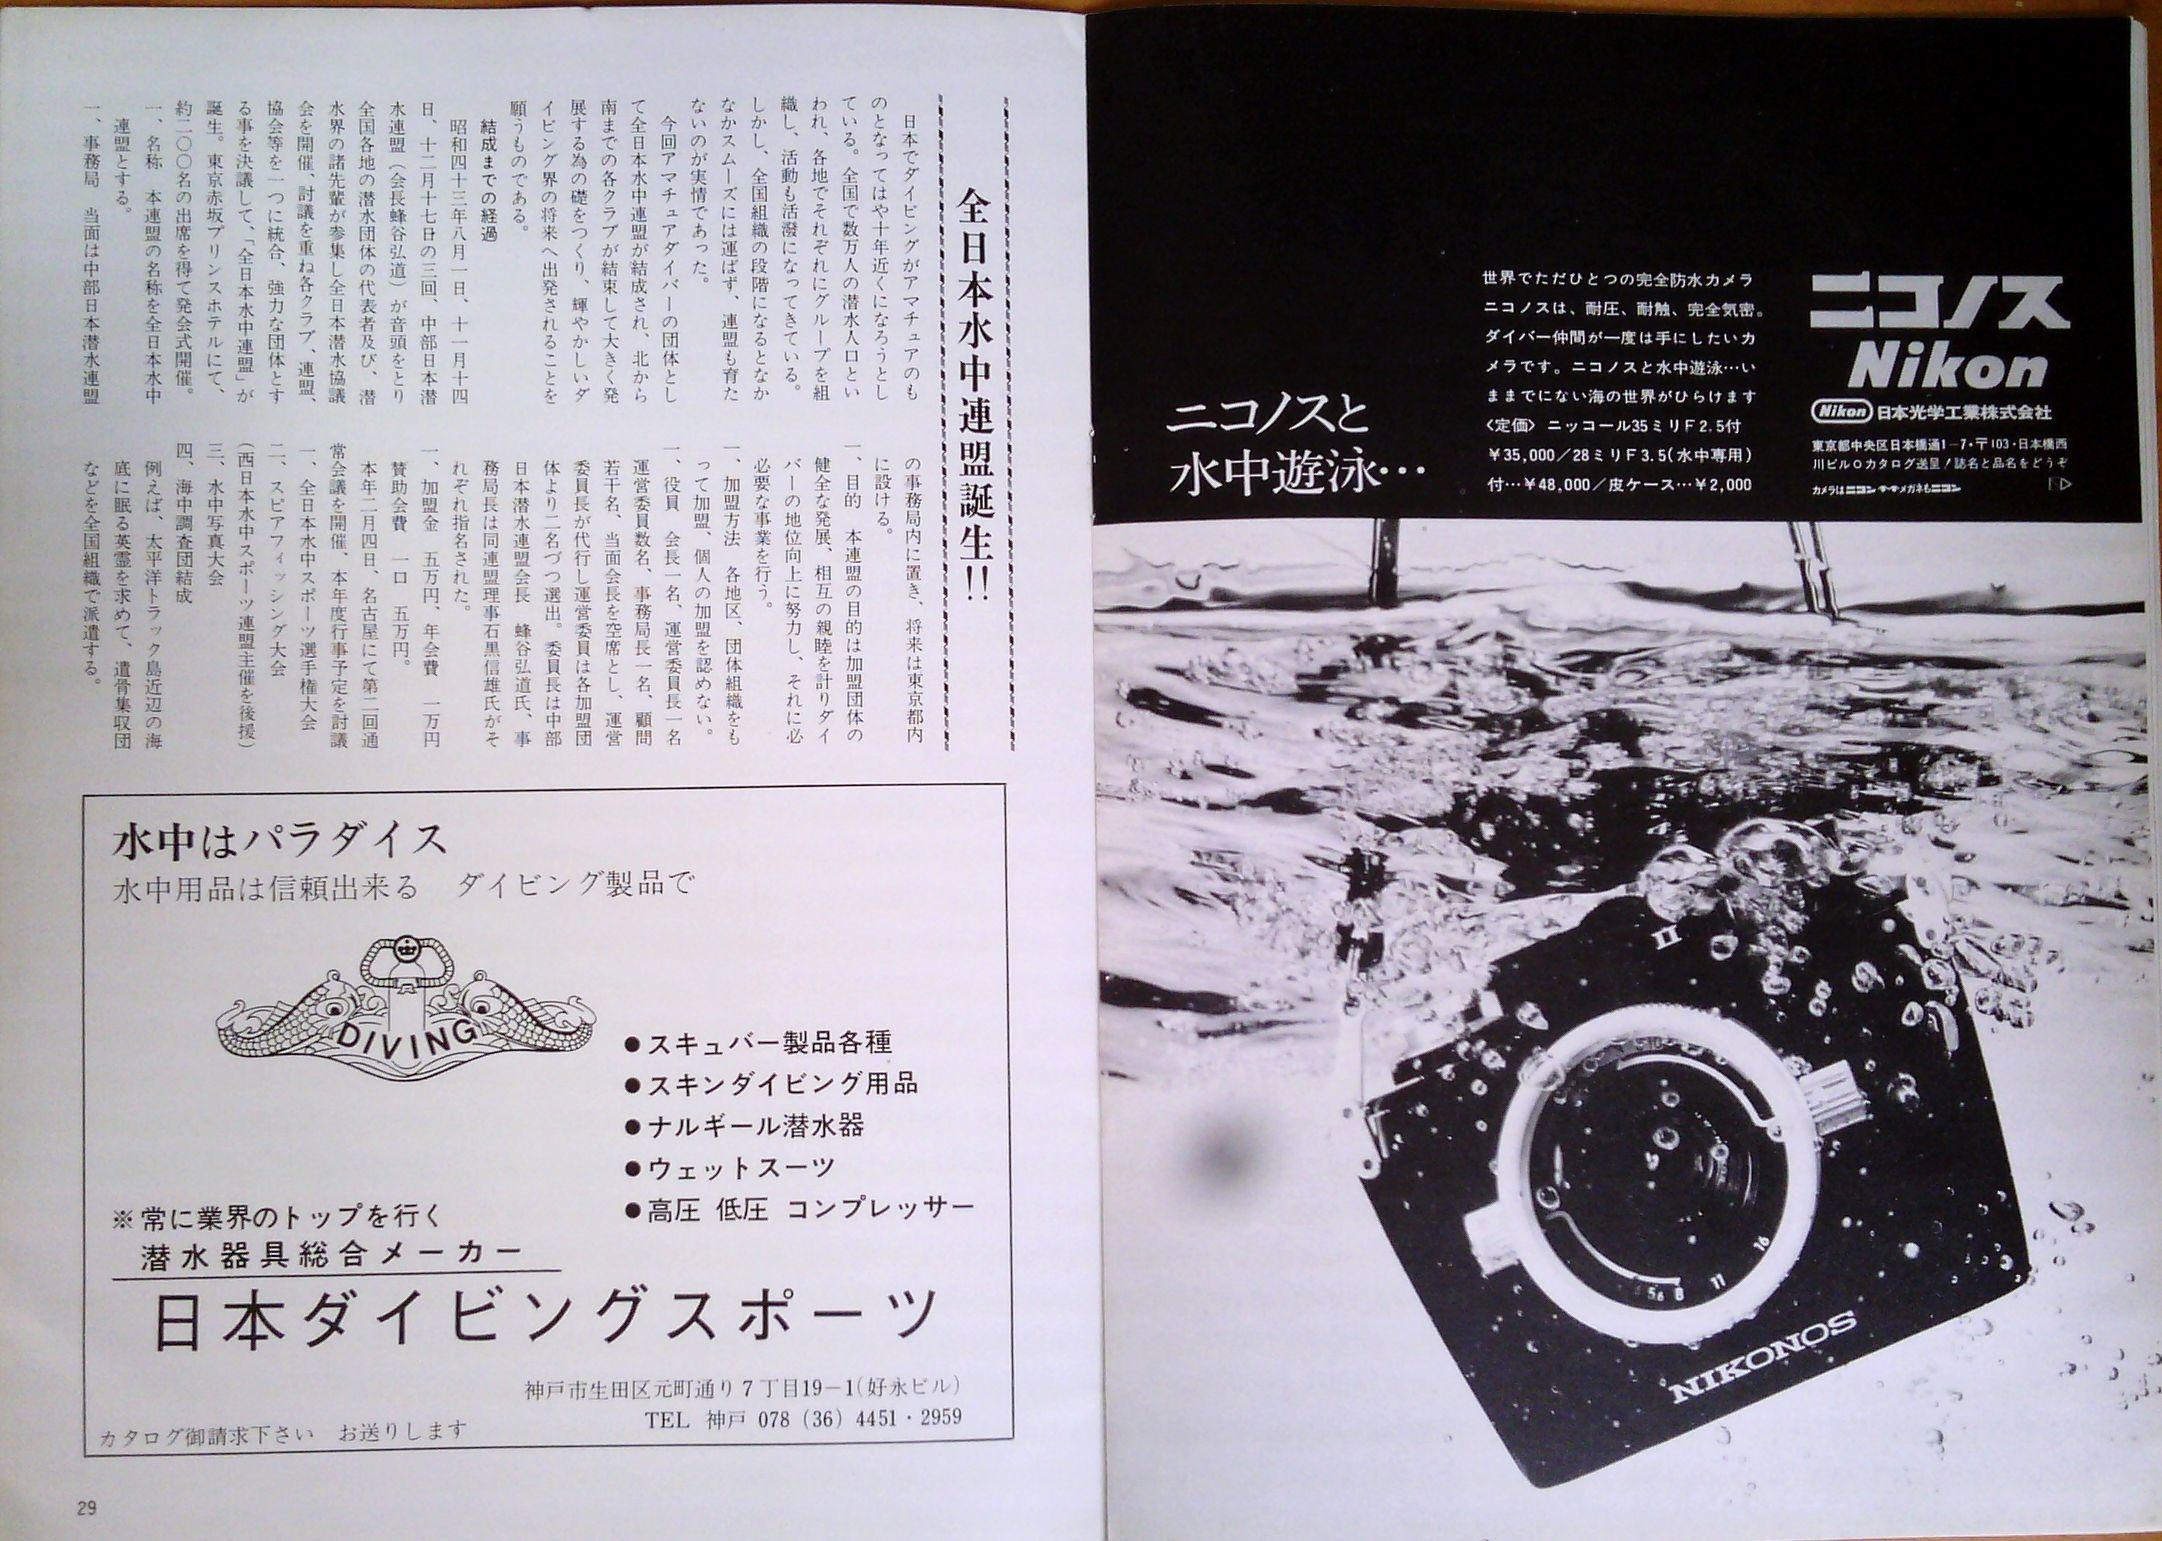 0323  ダイビングの歴史56  マリンダイビング創刊1969_b0075059_14255230.jpg